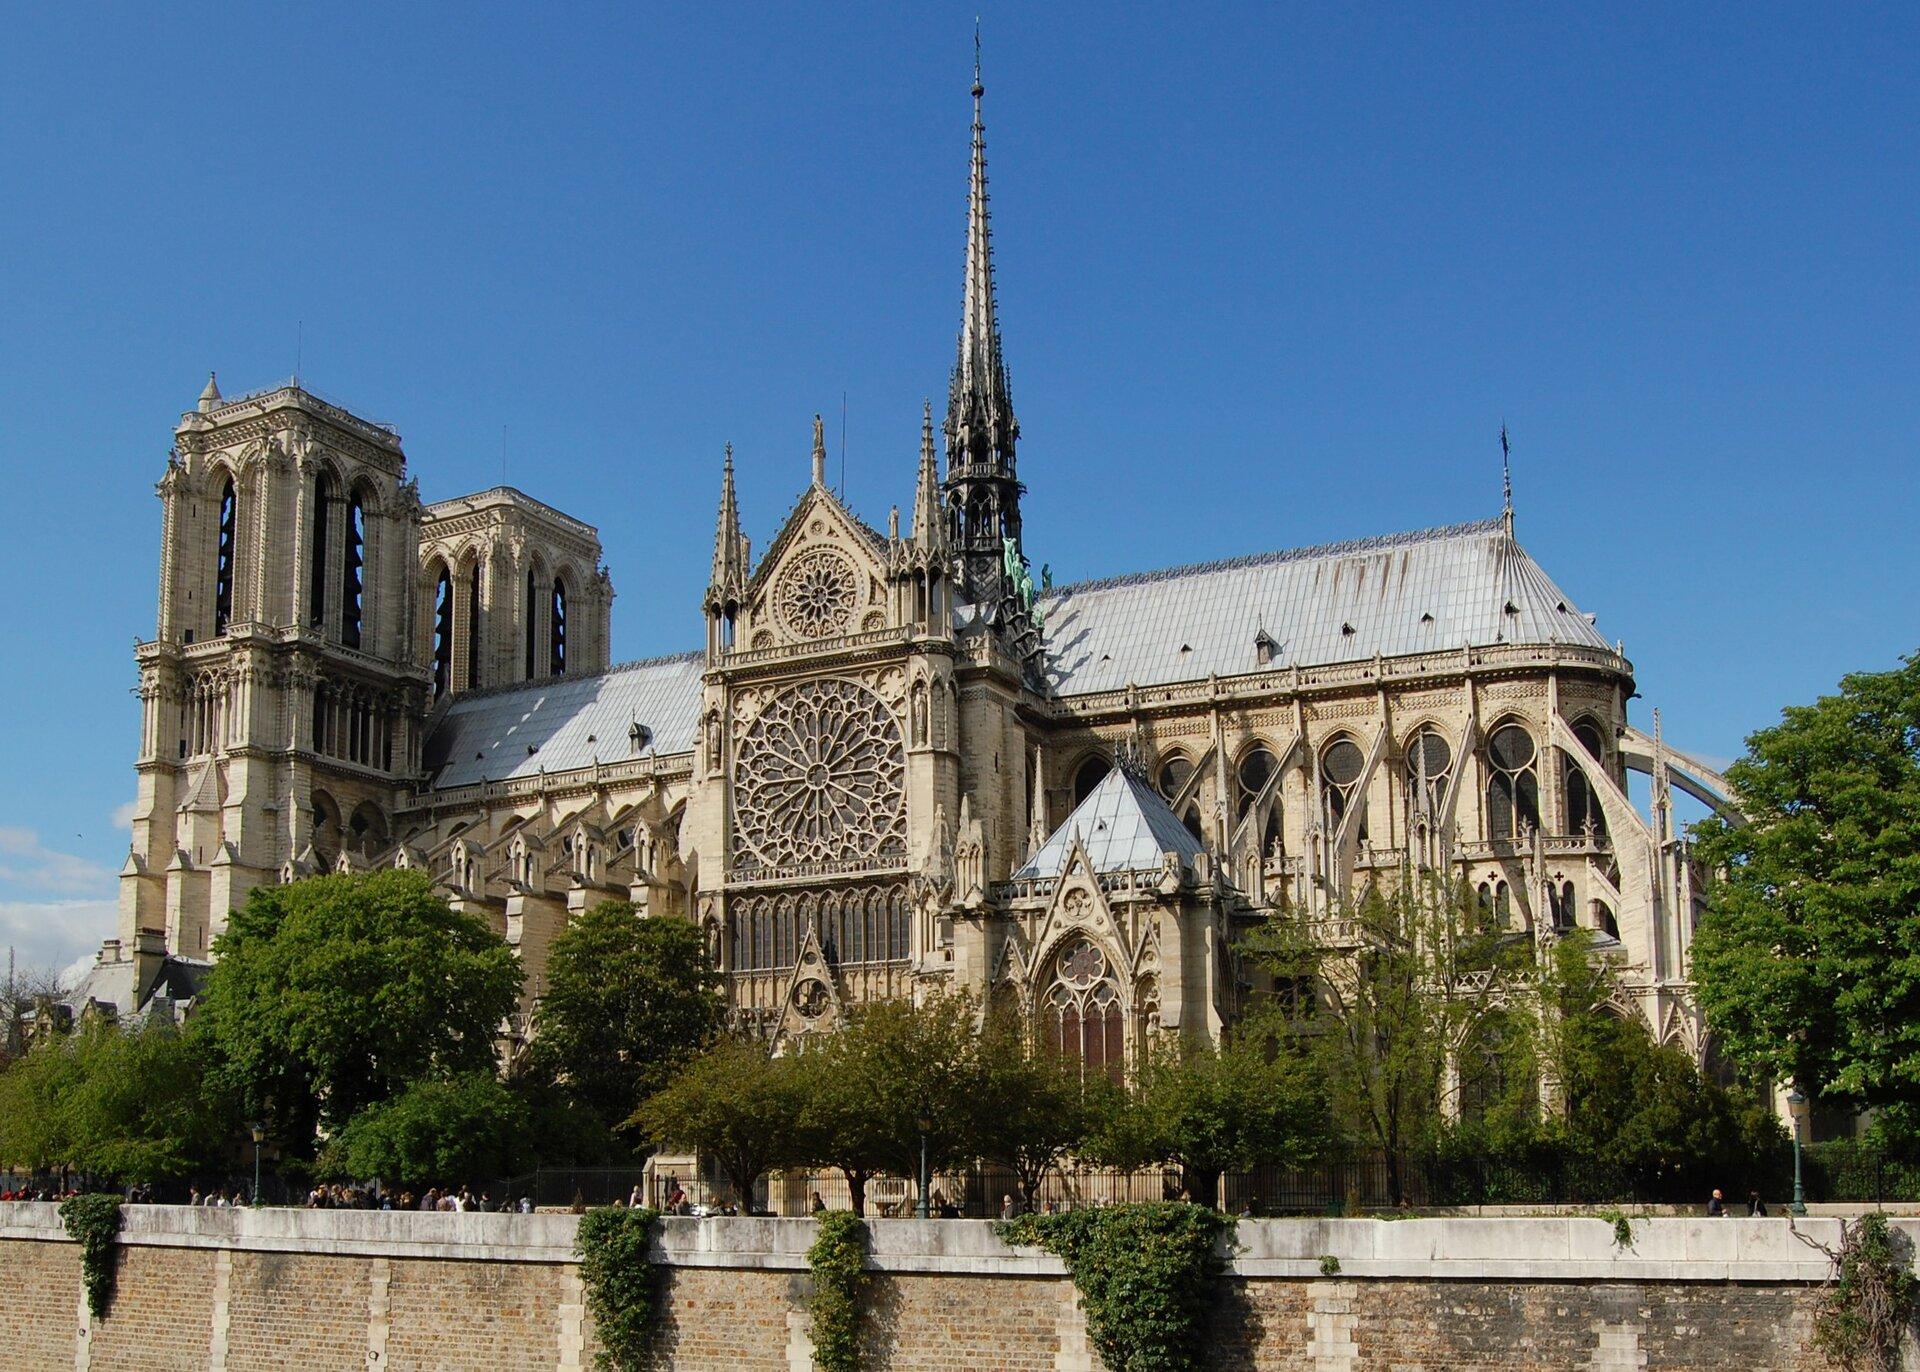 Na zdjęciu gotycka katedra. Widok zboku. Zlewej strony dwie wieże, na środku strzelista wieża. Piaskowe mury, szary dach, rozety iwitraże. Dookoła katedry drzewa.